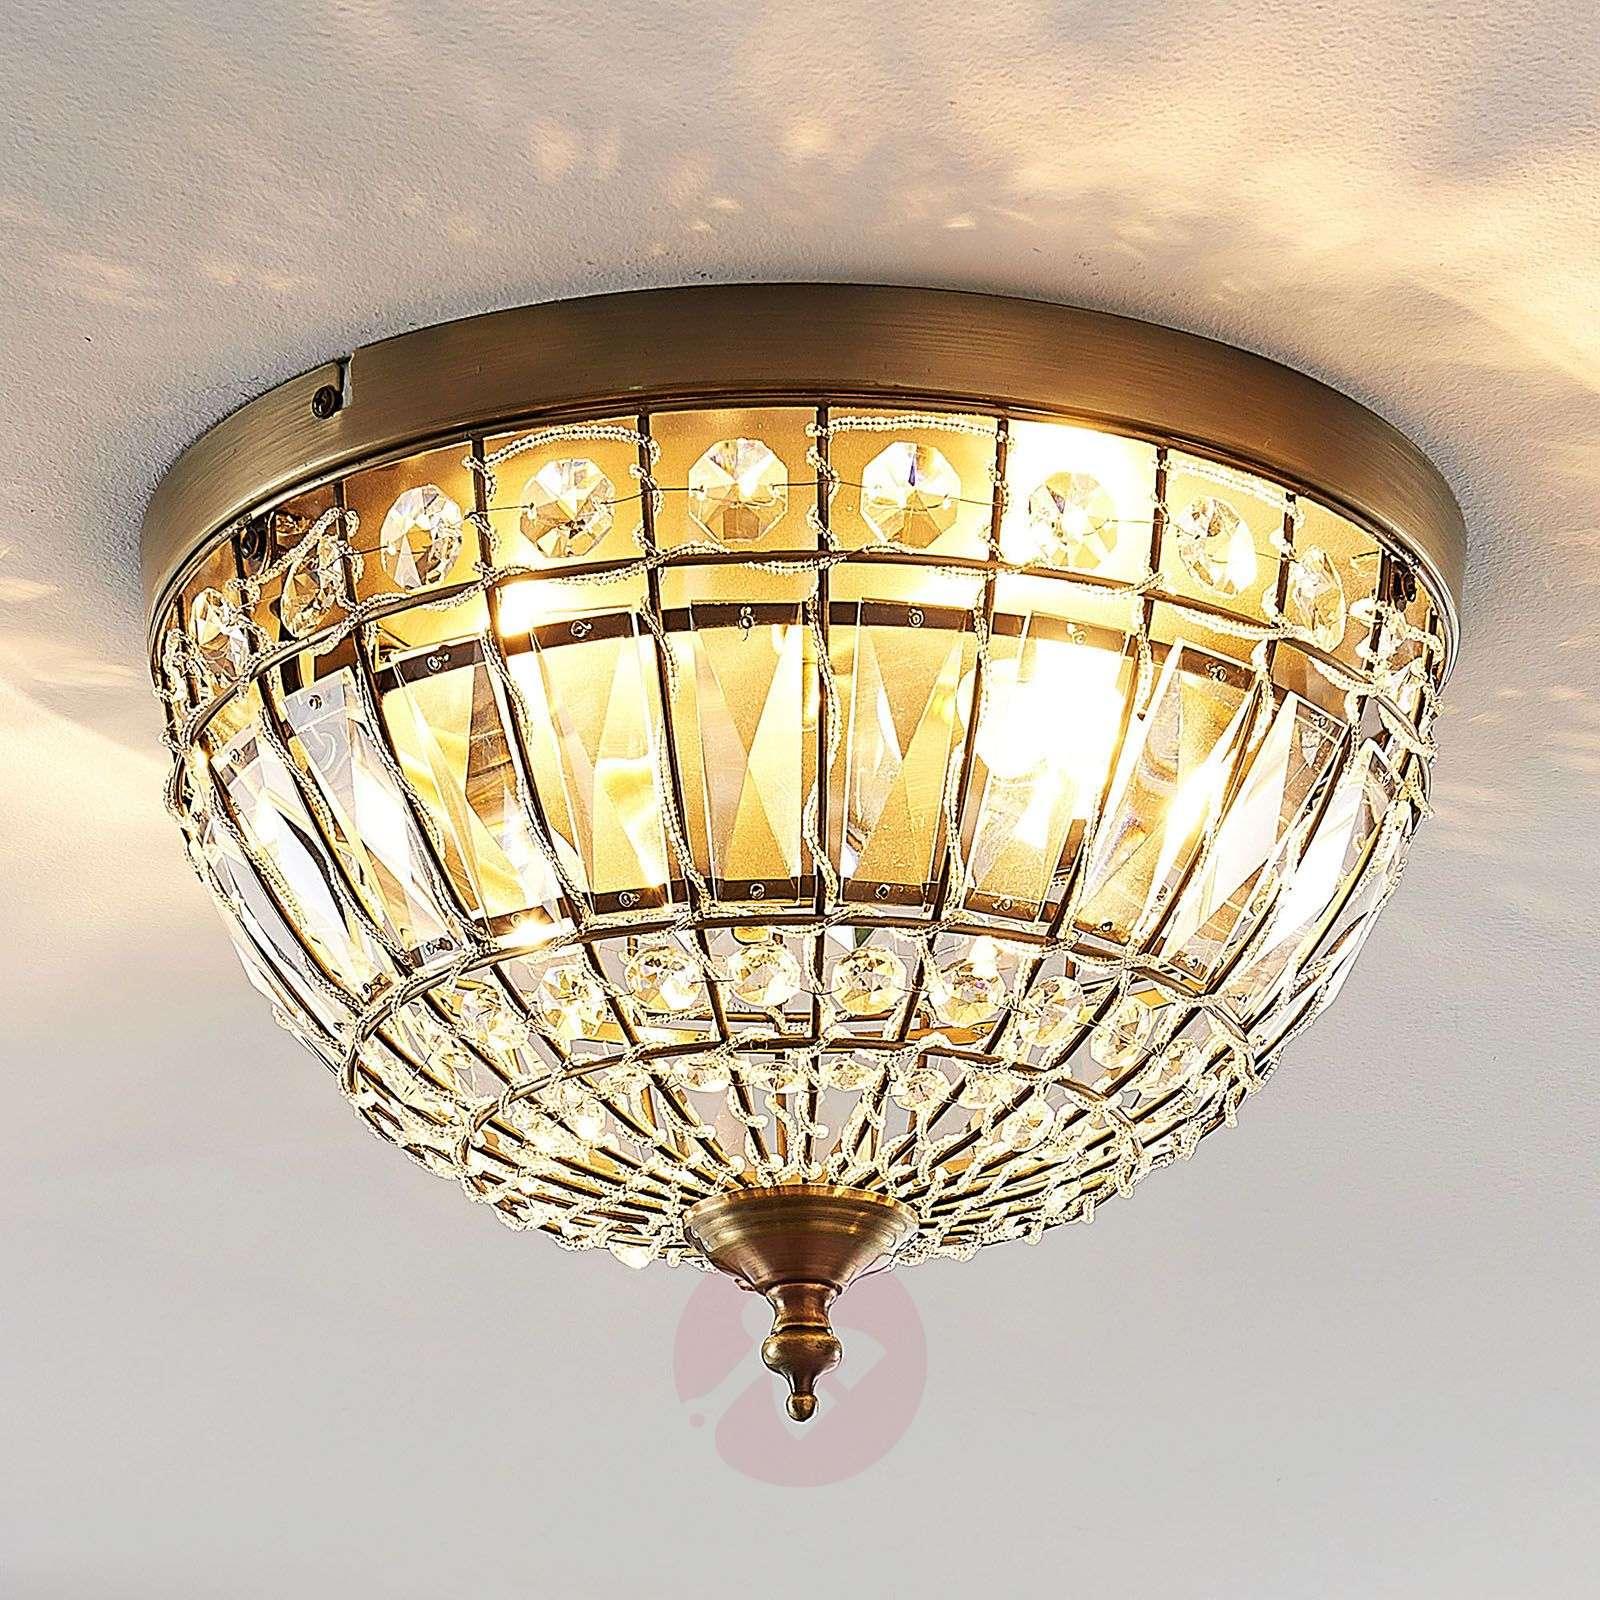 Lindby Jamaal kattovalaisin lasia